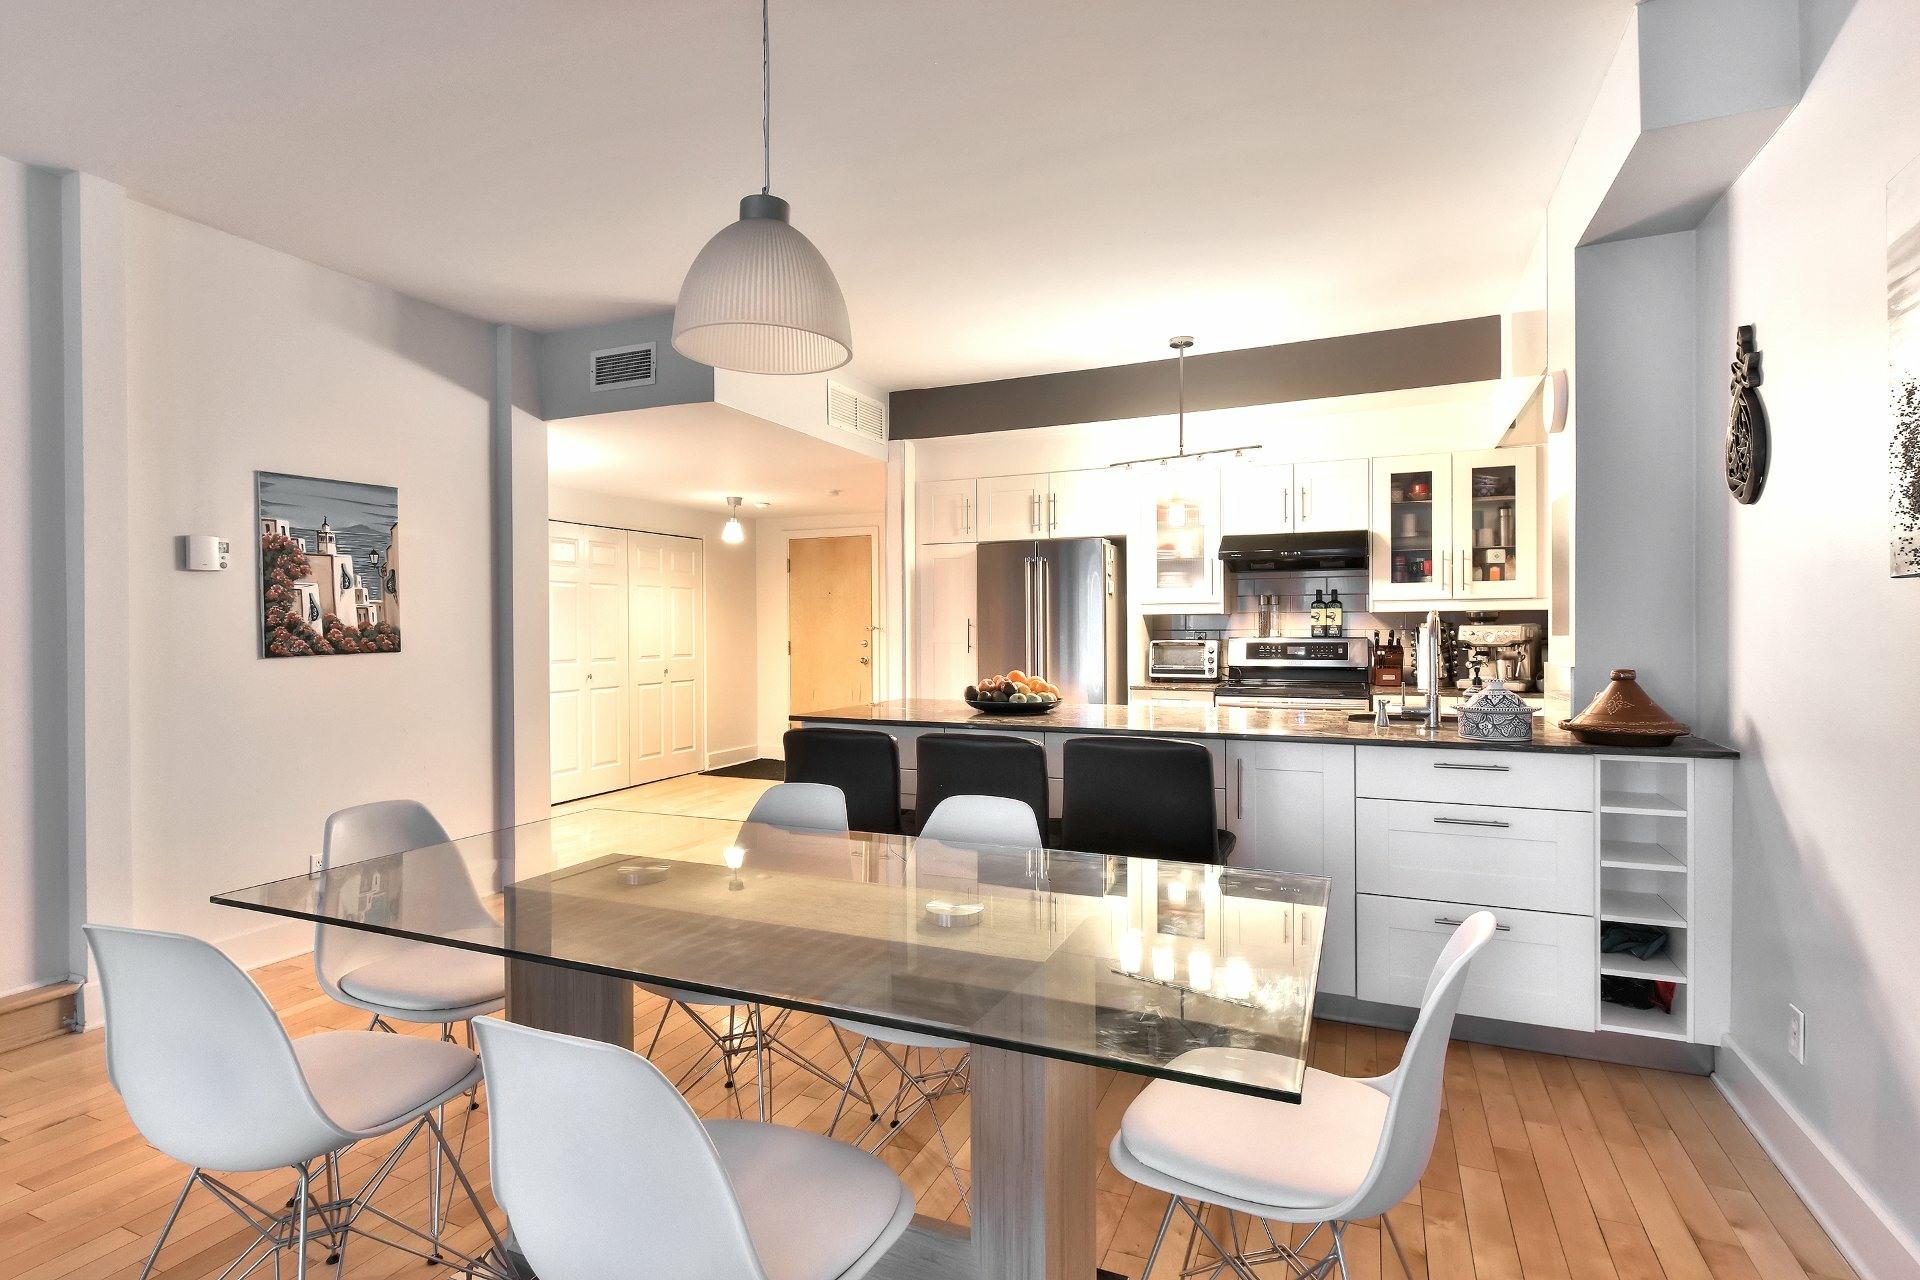 image 5 - Appartement À vendre Ville-Marie Montréal  - 9 pièces